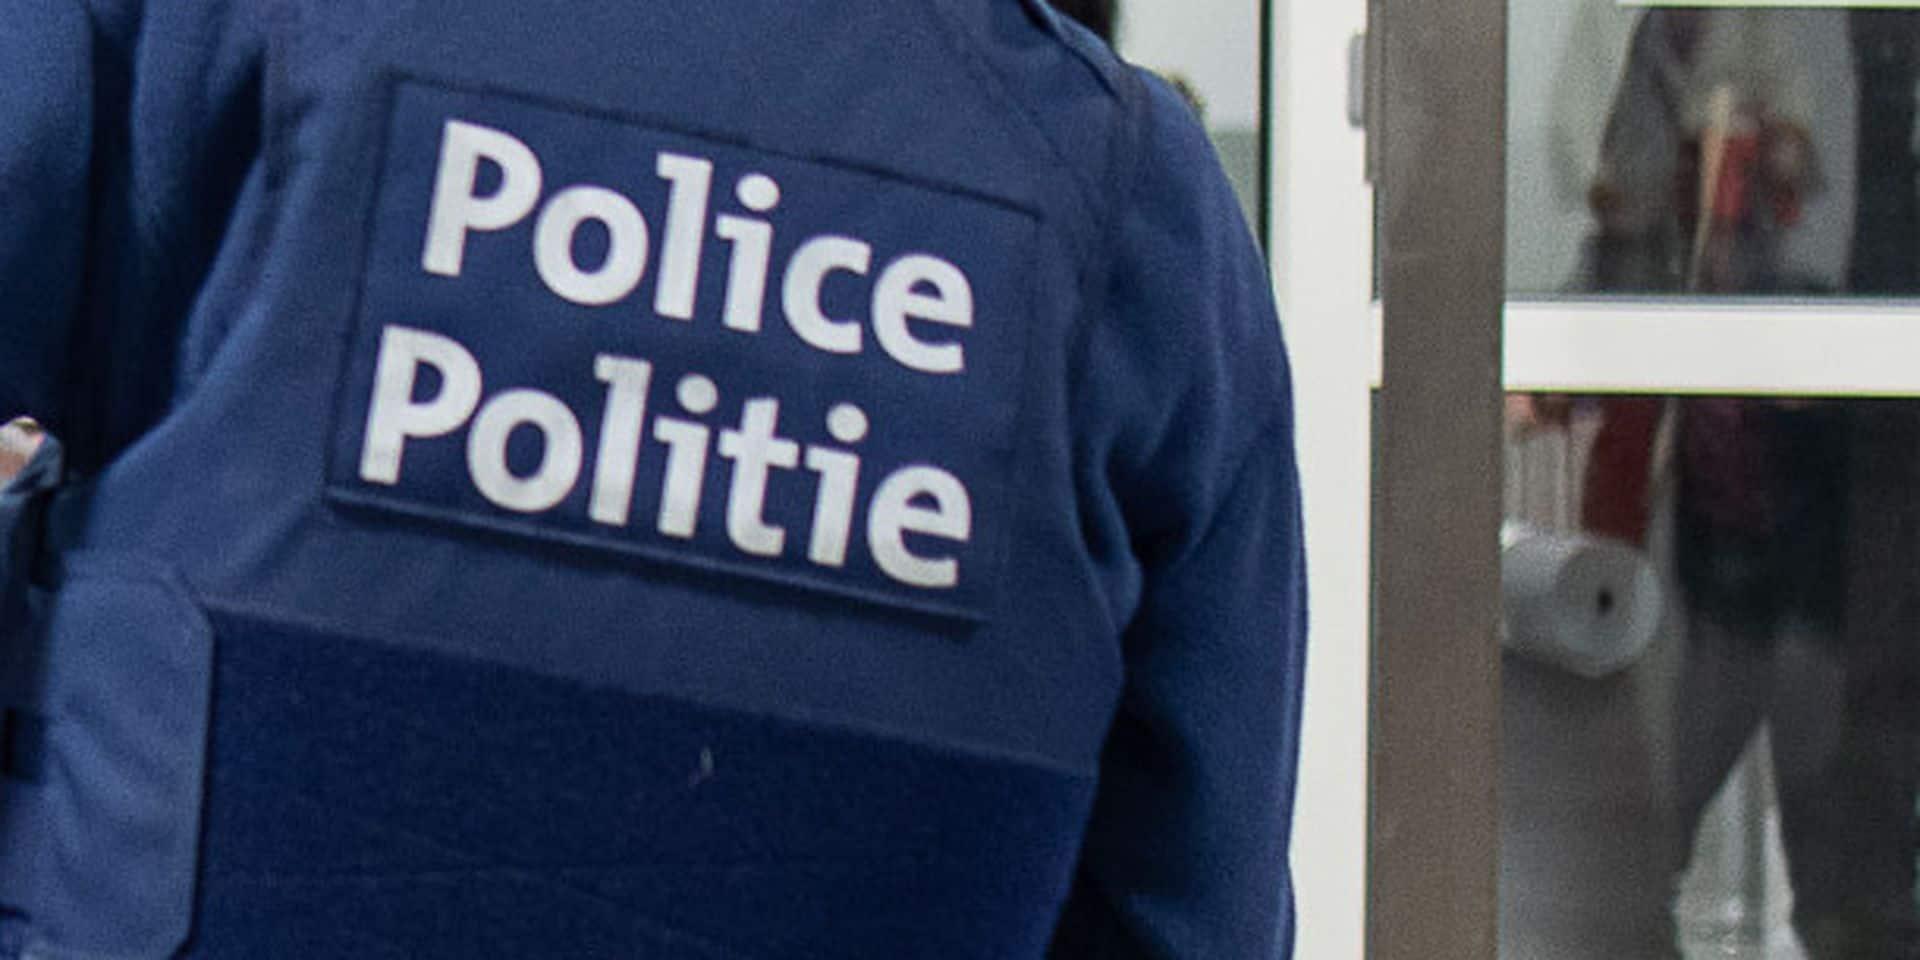 Potentiel cluster du variant brésilien en Belgique: un policier contaminé, des dizaines d'autres infections possibles